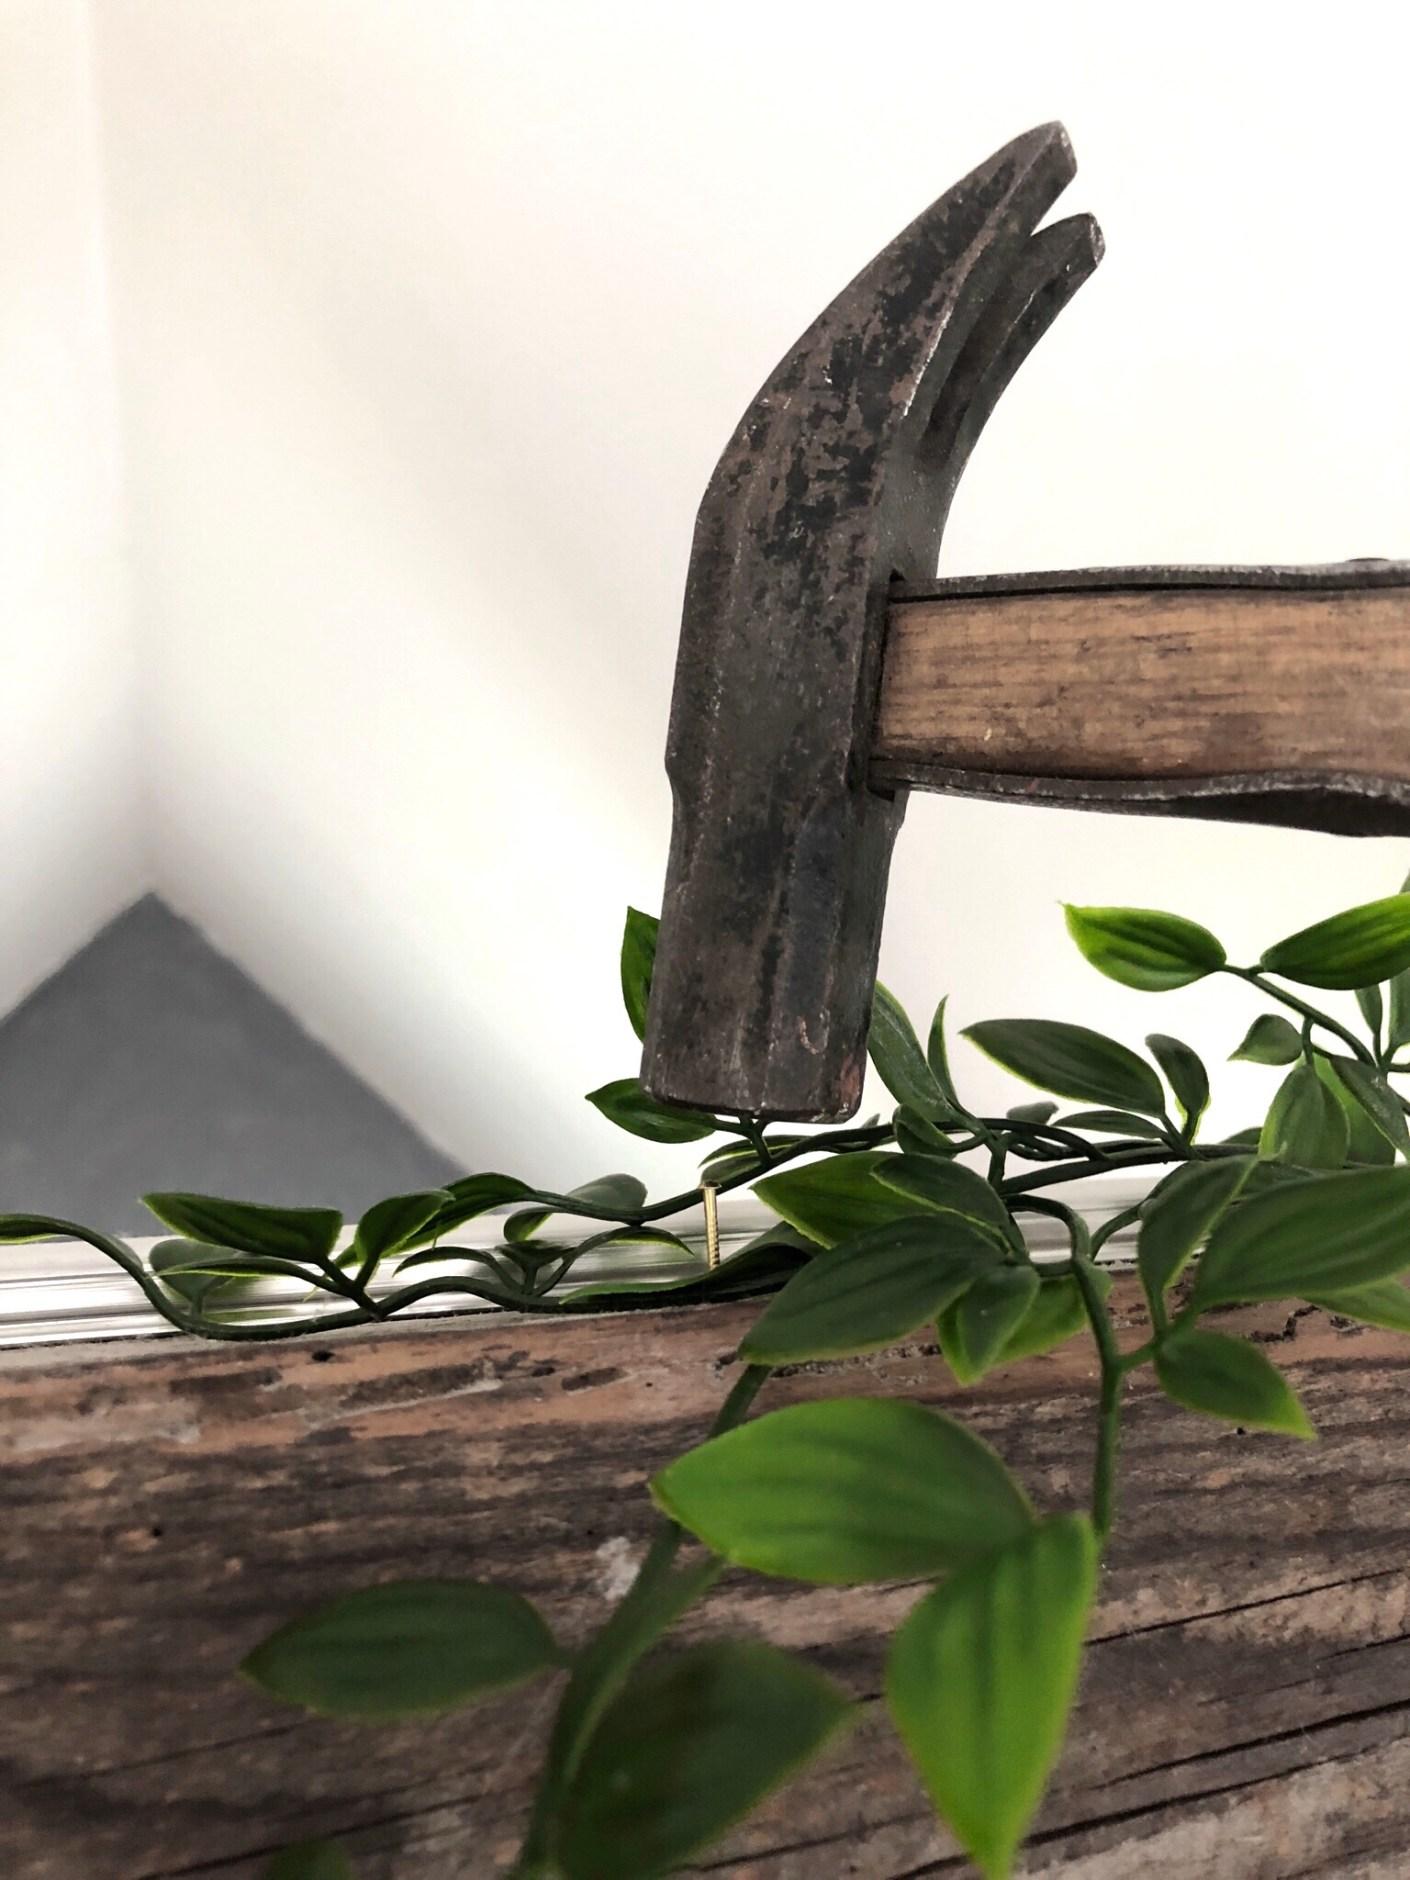 grønne planter på vores hanebånd